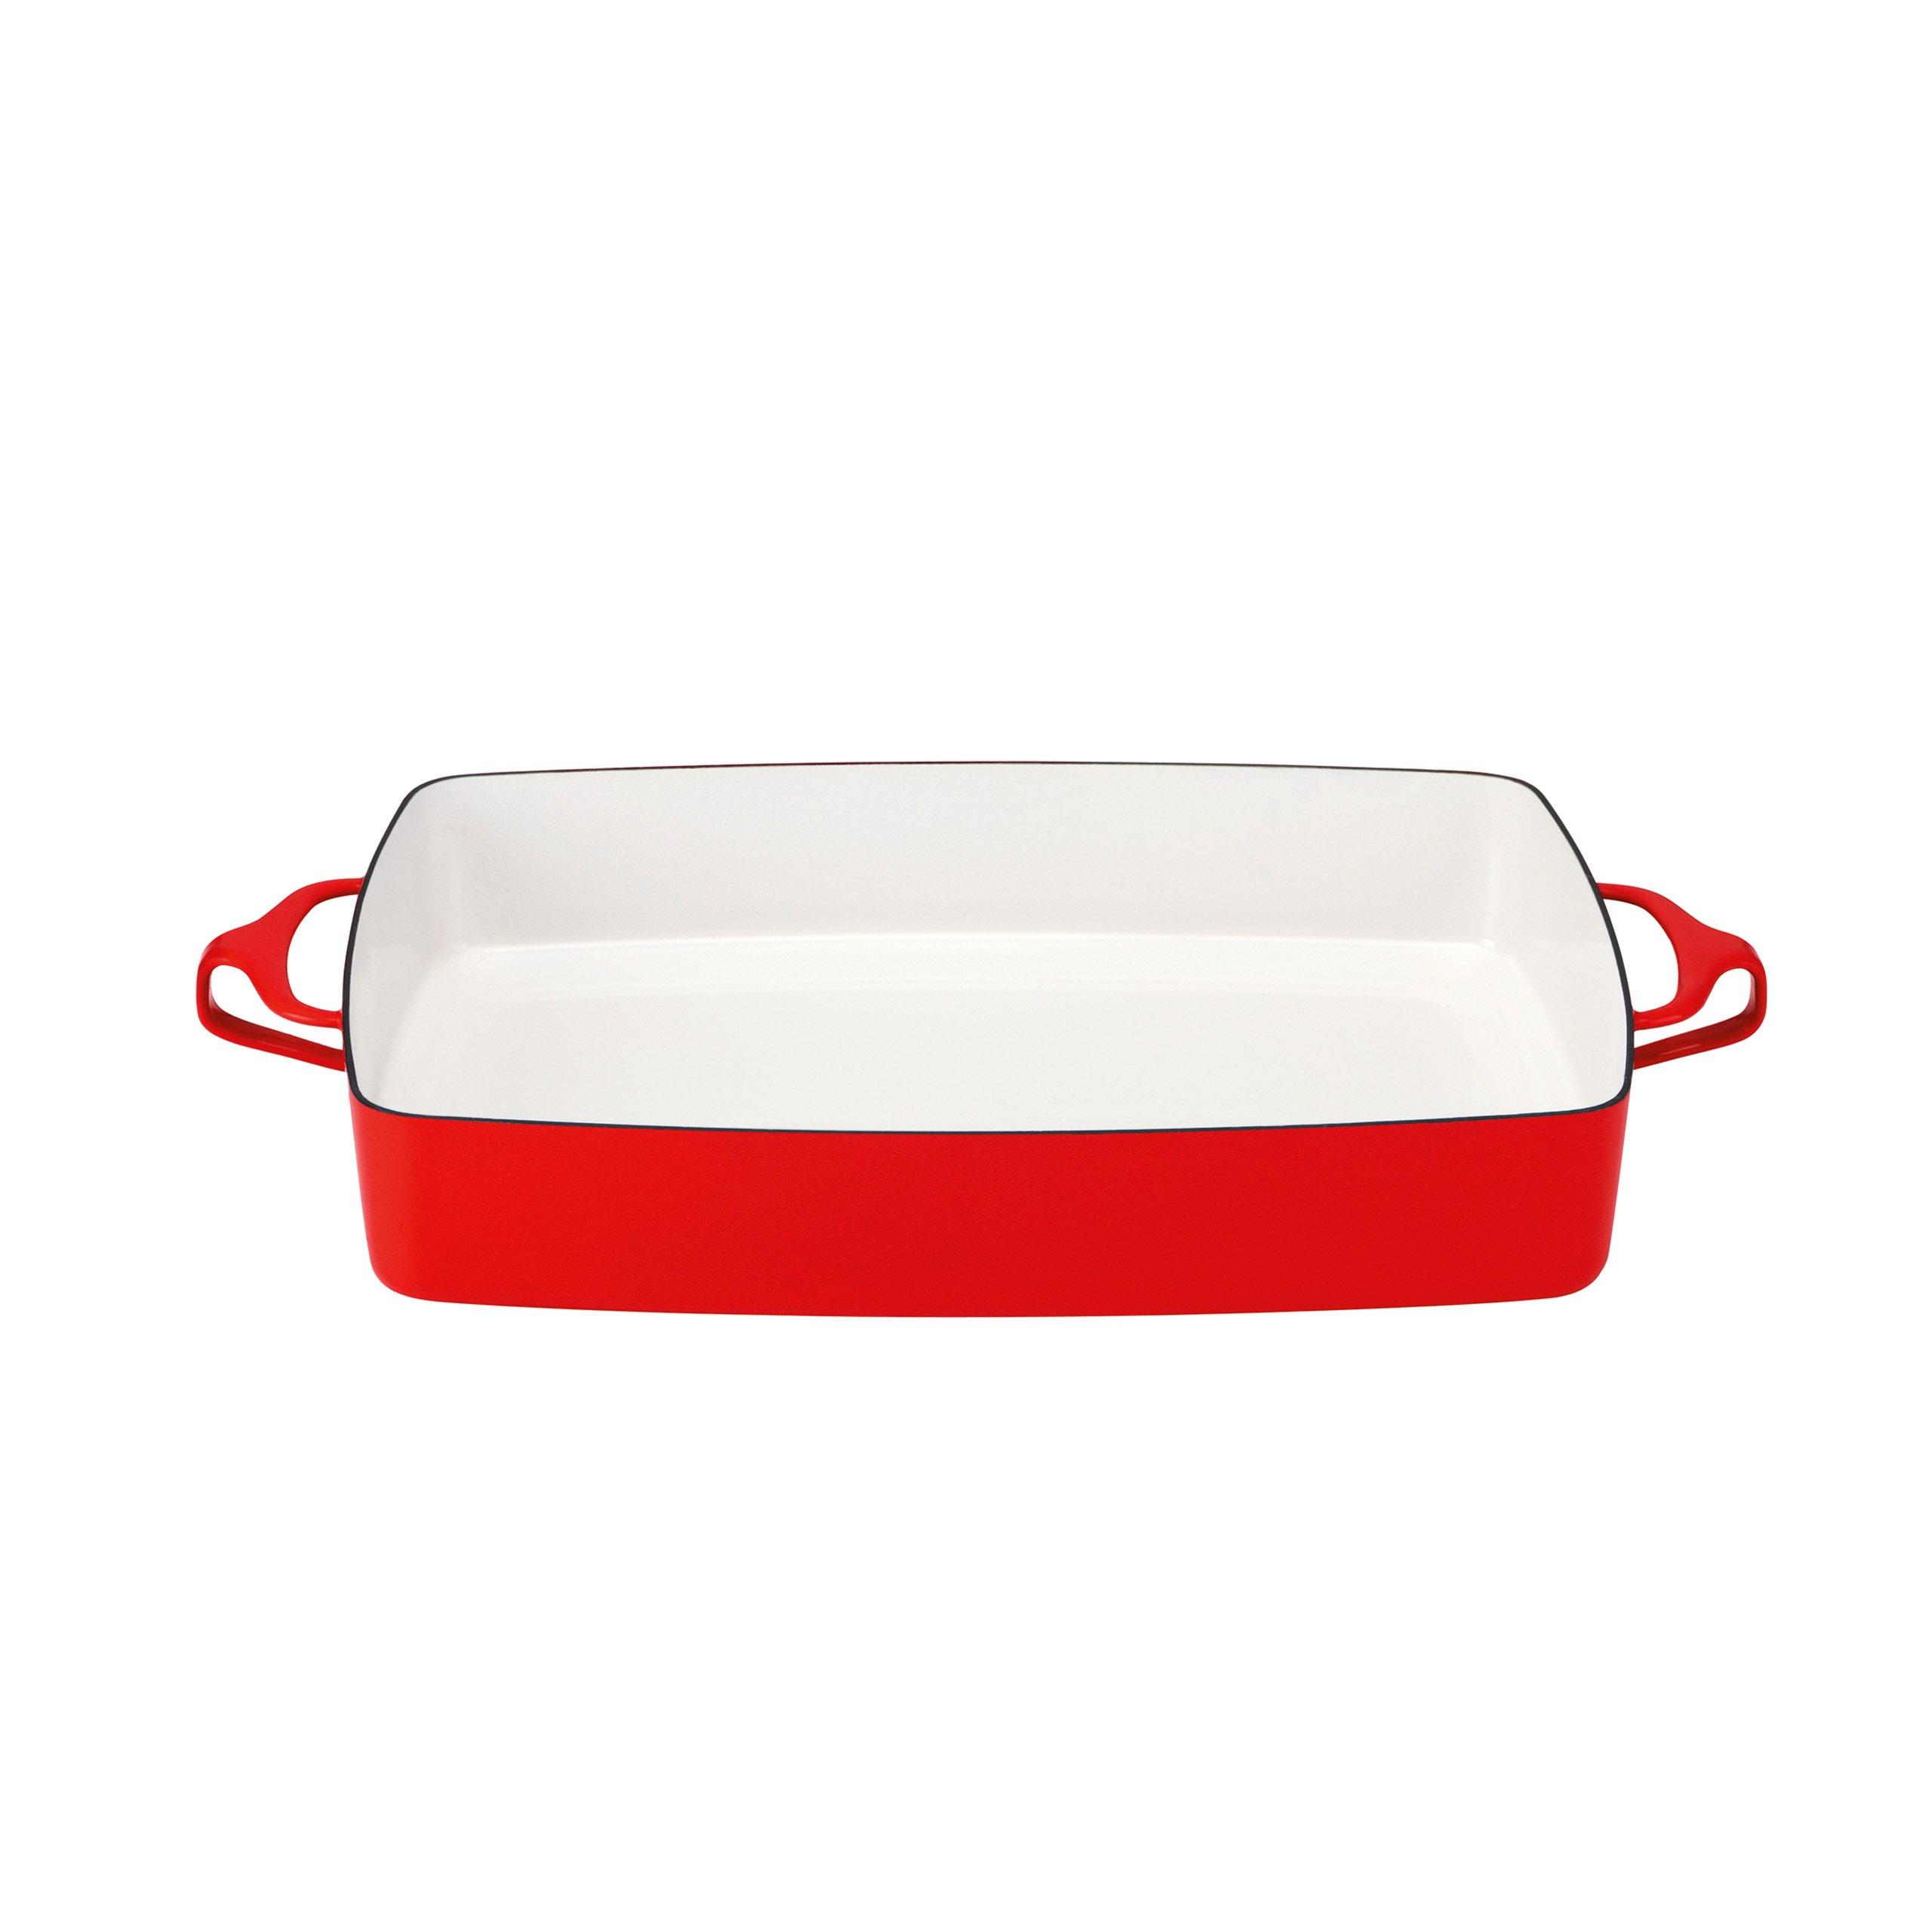 Dansk 834297 Kobenstyle Rectangular Baker, Chili Red